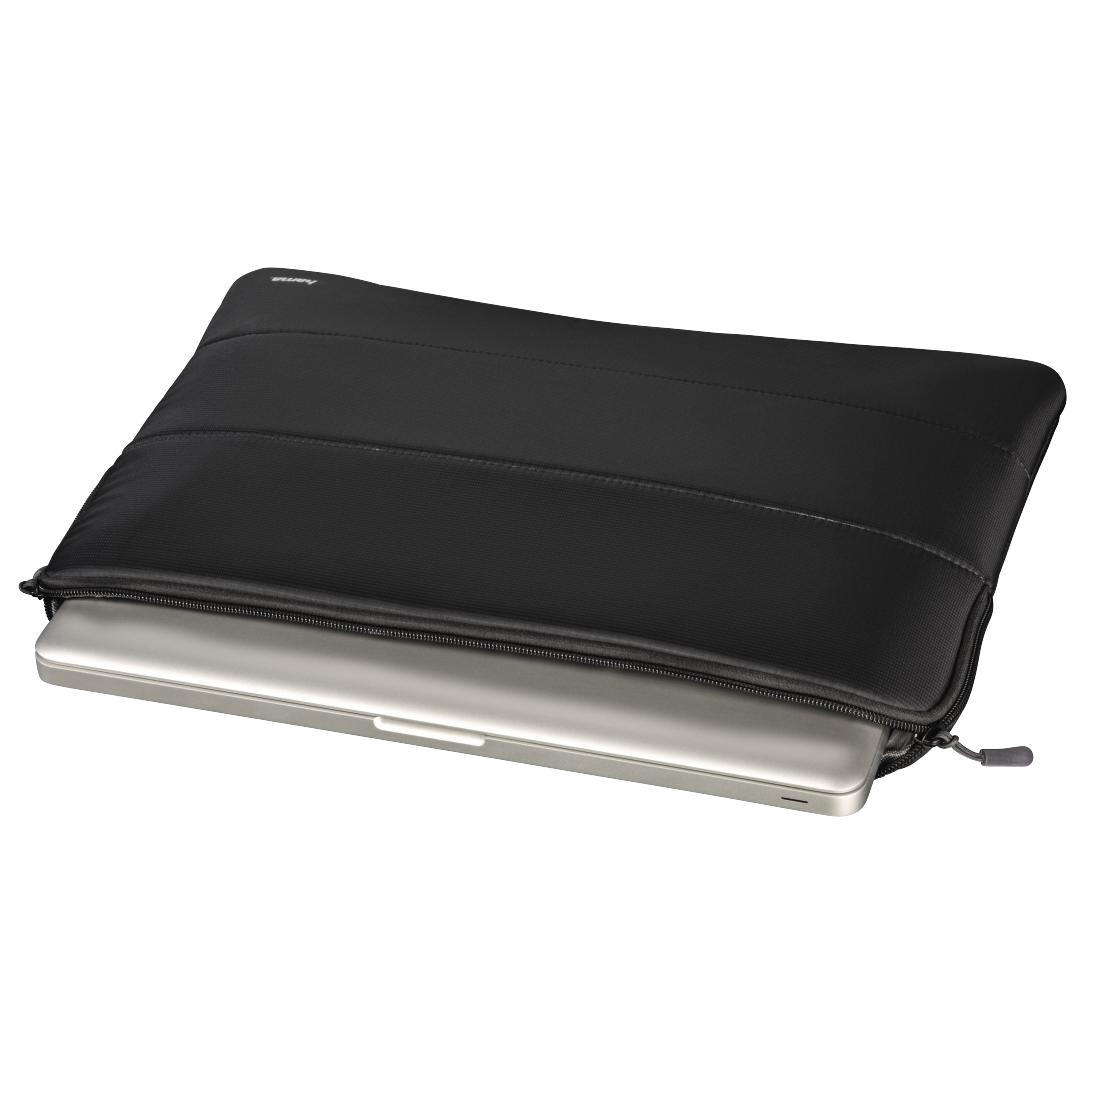 Универсален калъф за лаптоп HAMA  Toronto  до 36 см  (14.1), черен-2